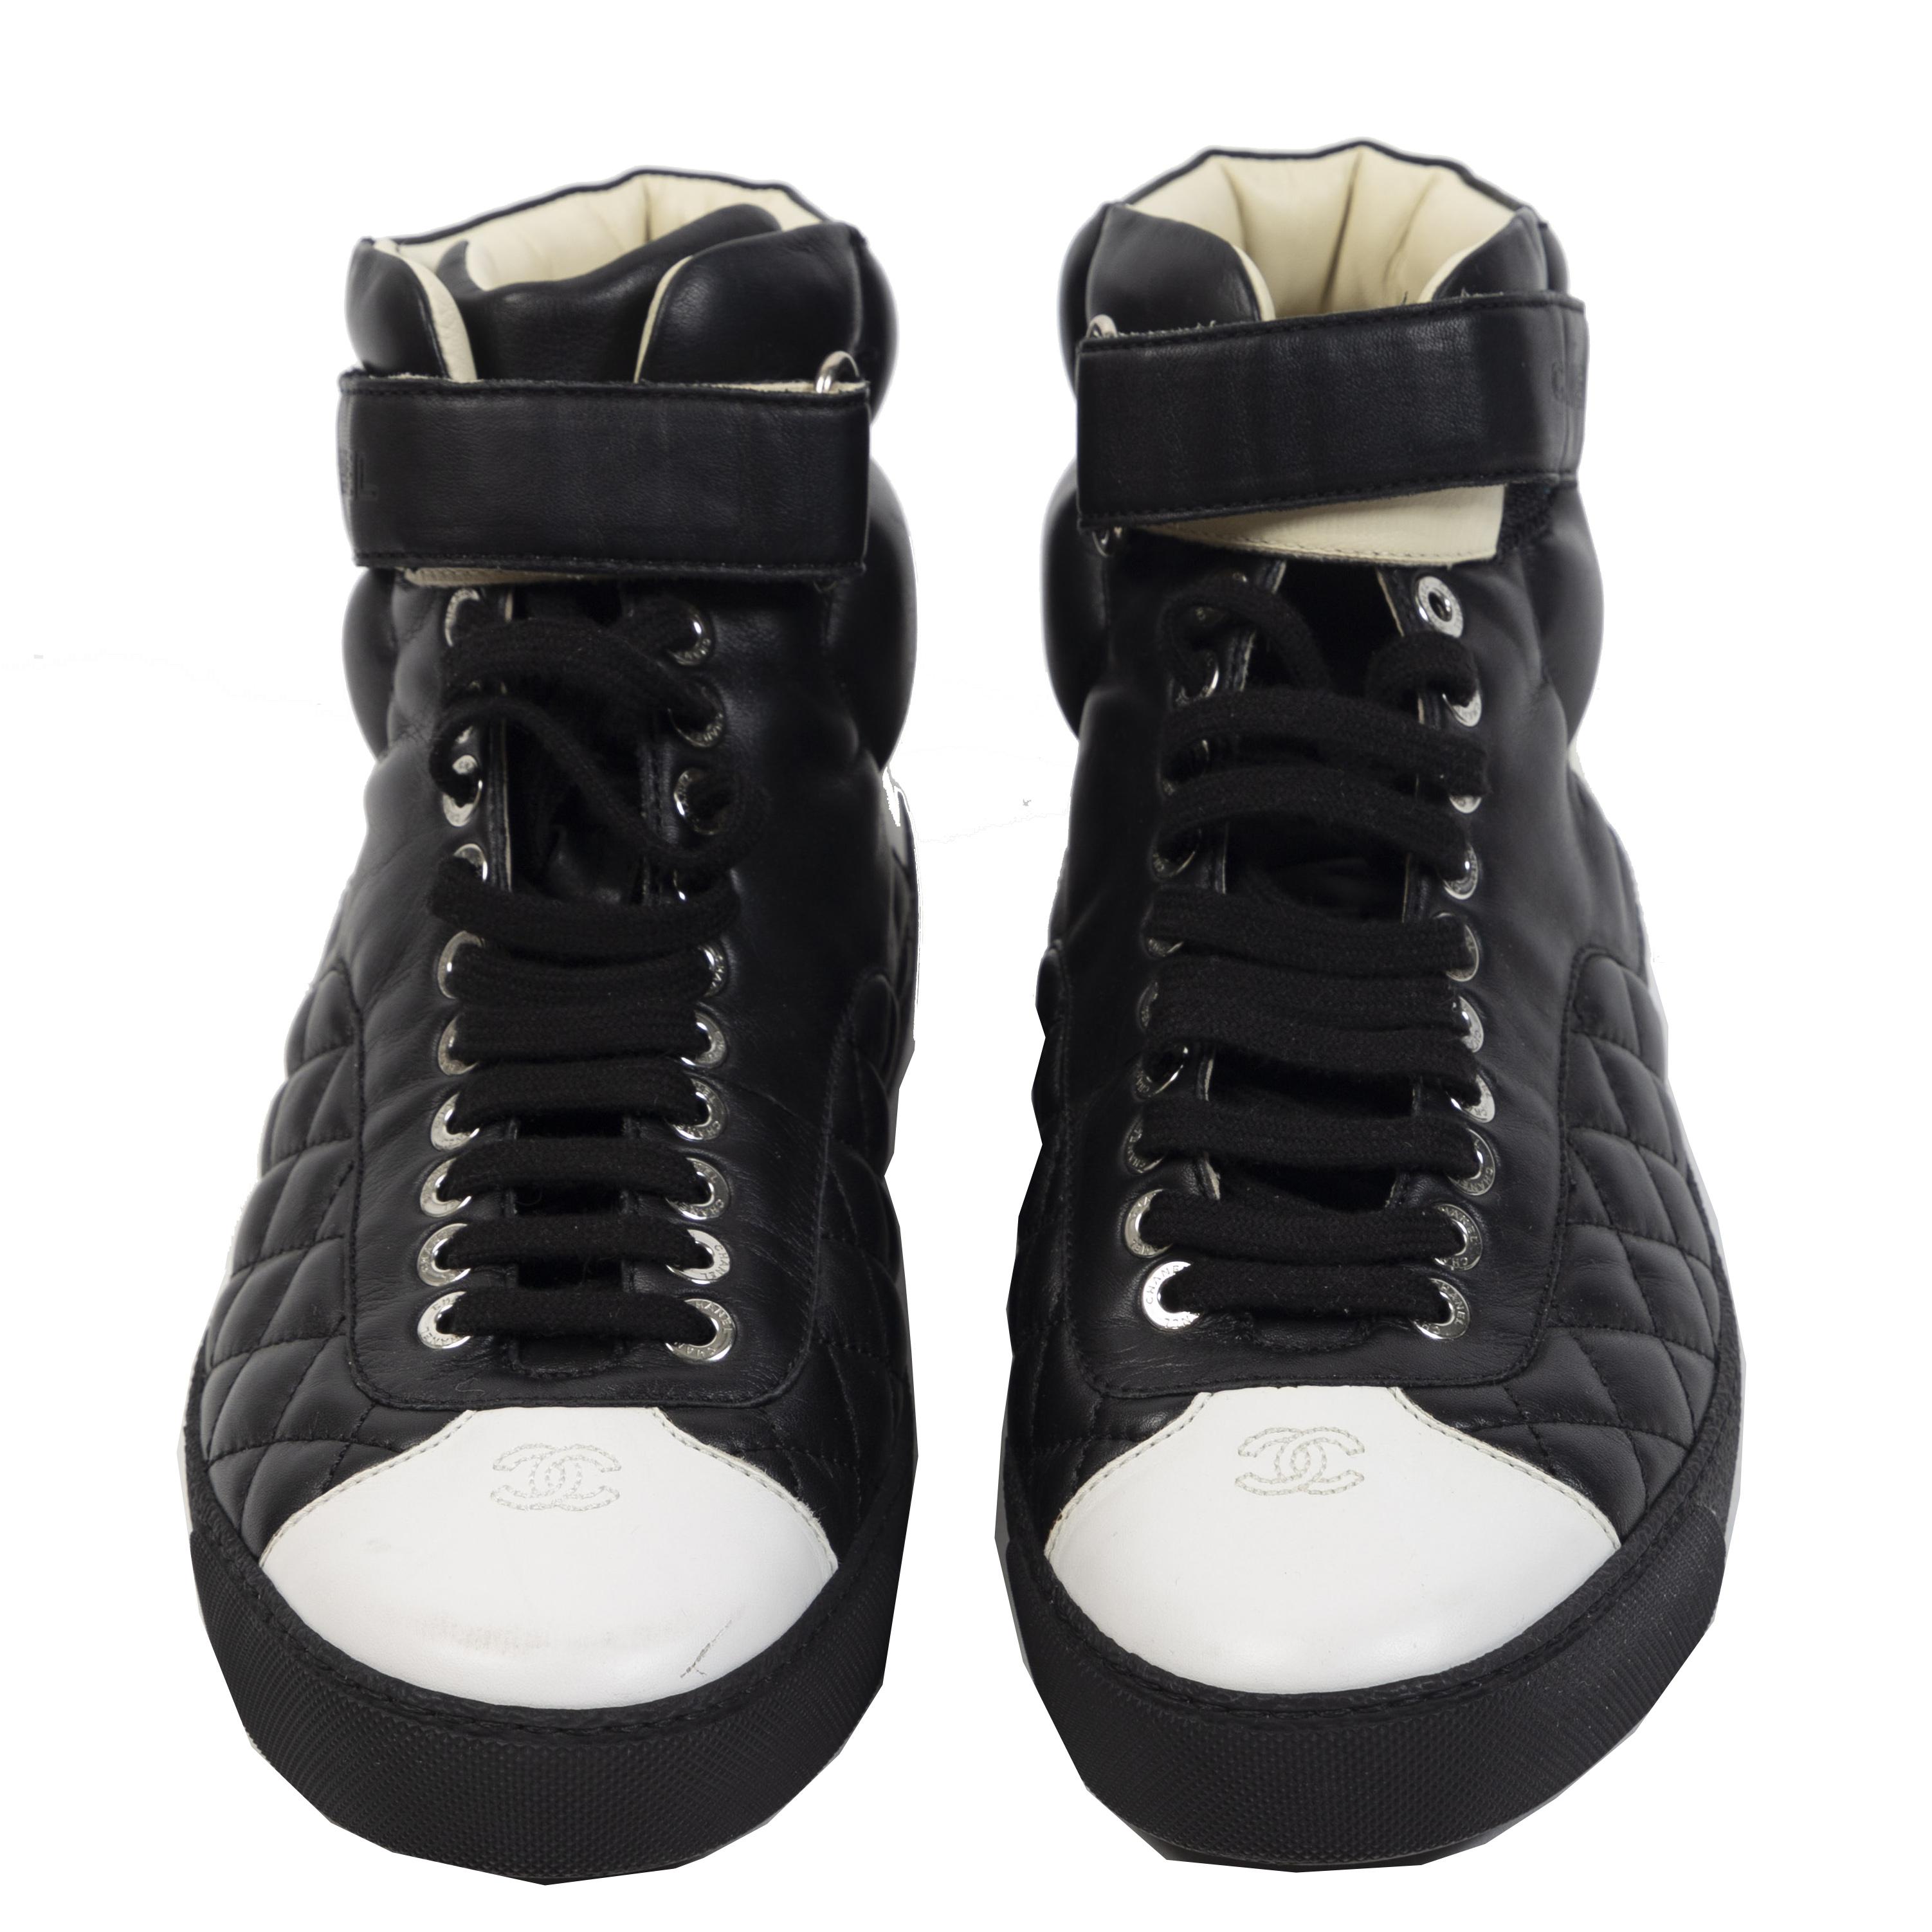 Authentieke Tweedehands Chanel Black Leather Quilted Sneakers juiste prijs veilig online shoppen luxe merken webshop winkelen Antwerpen België mode fashion